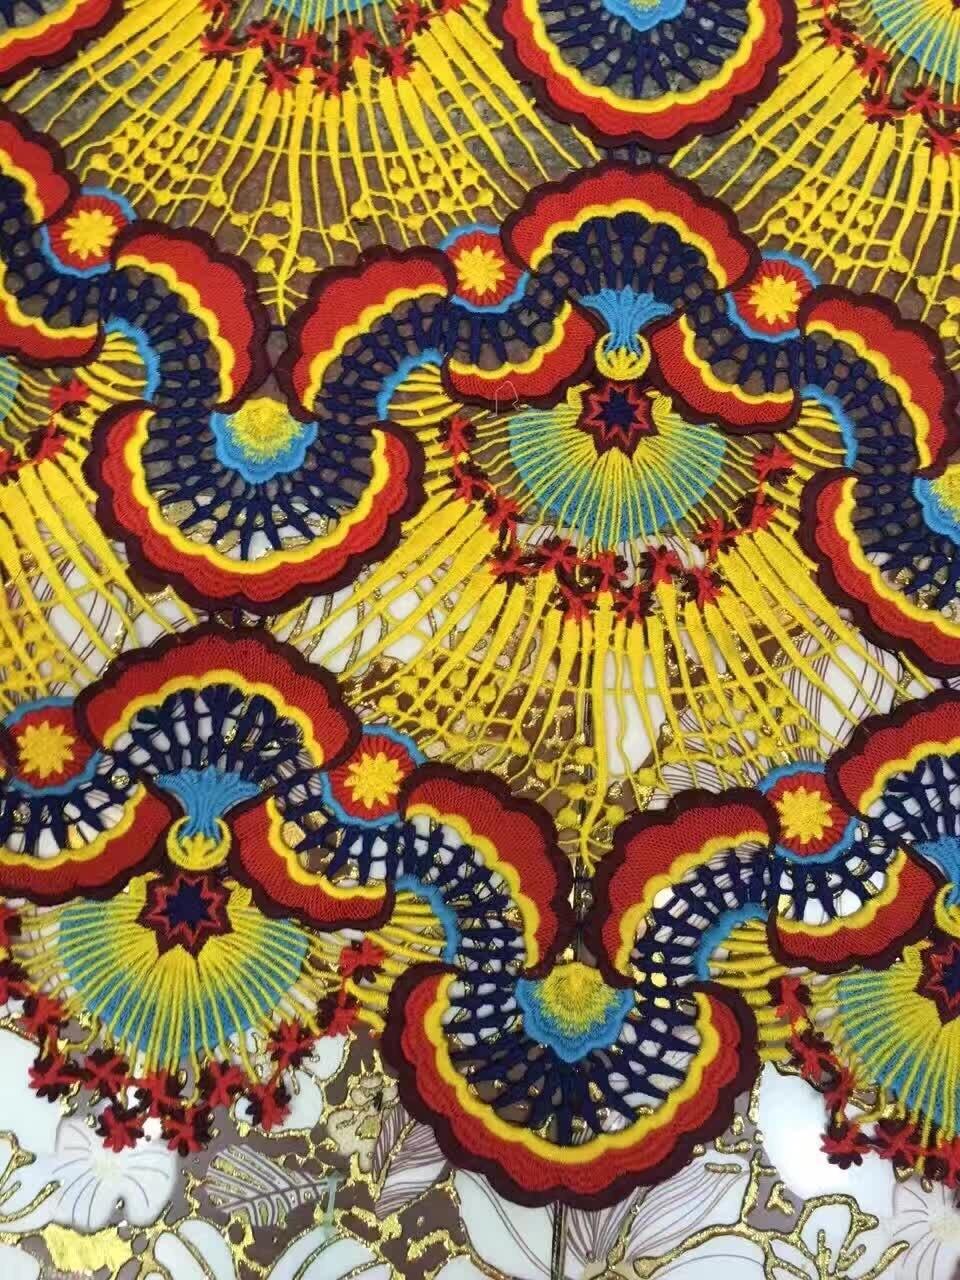 2018 dernier tissu de dentelle de coton africain magnifique tissu de dentelle de mode française pour la broderie de mariage tissu de dentelle africaine 5 yard ZL64